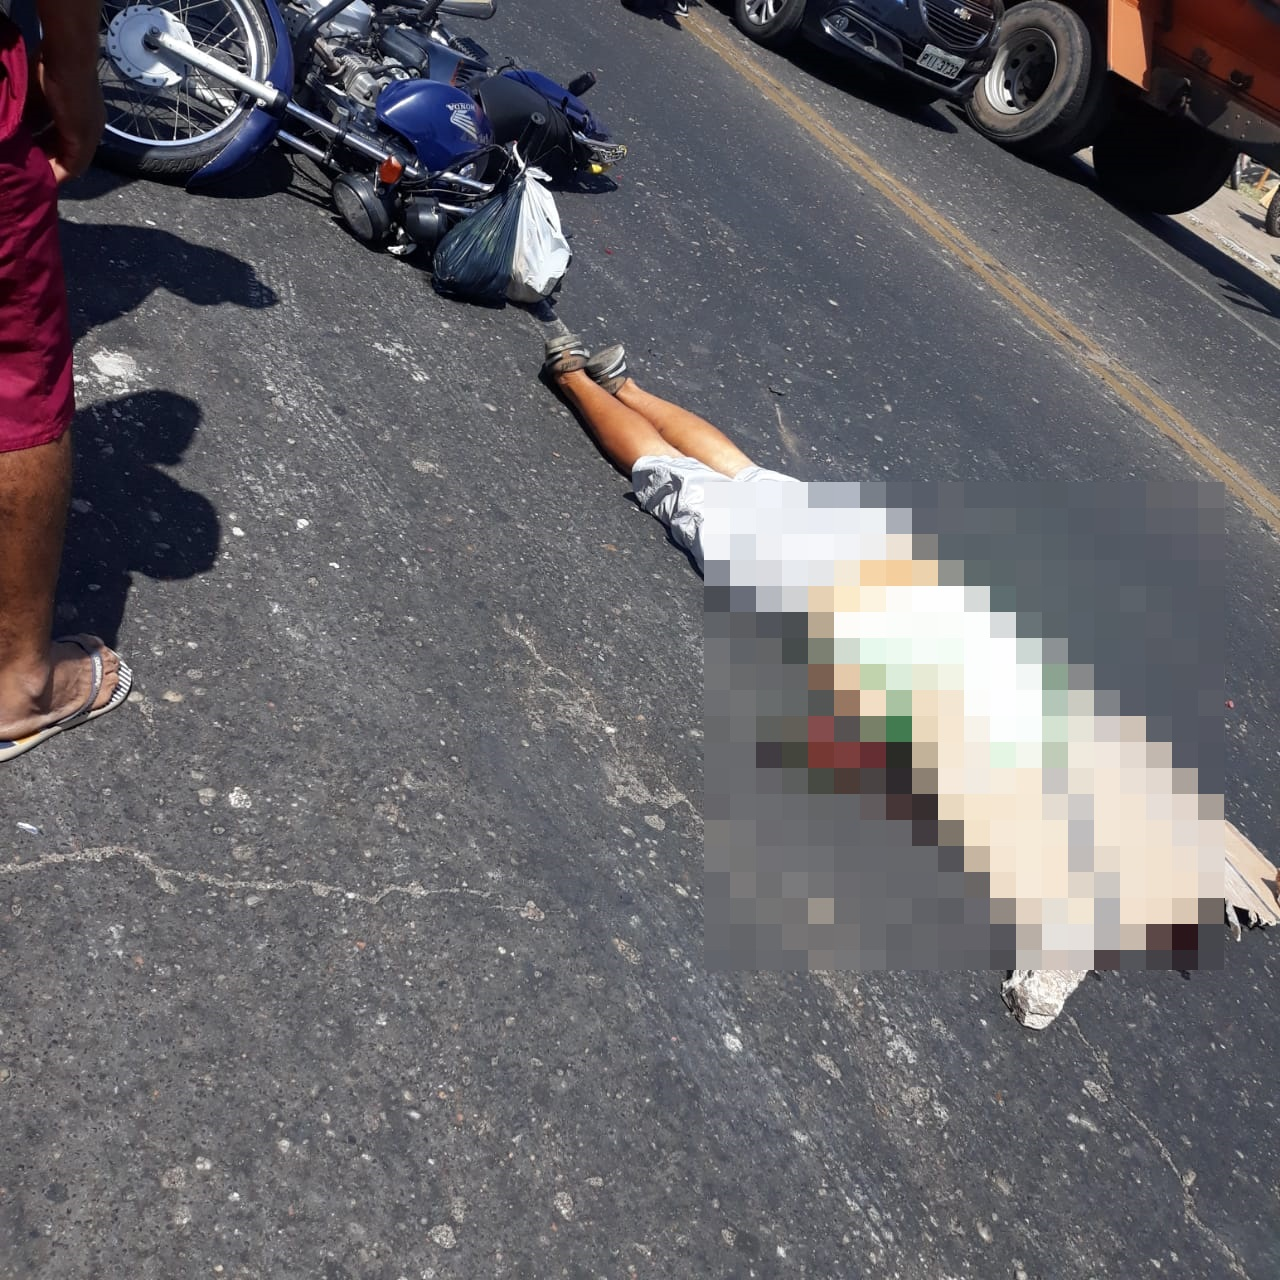 Motociclista morre após ser atropelado por caminhão em Teresina - Imagem 1